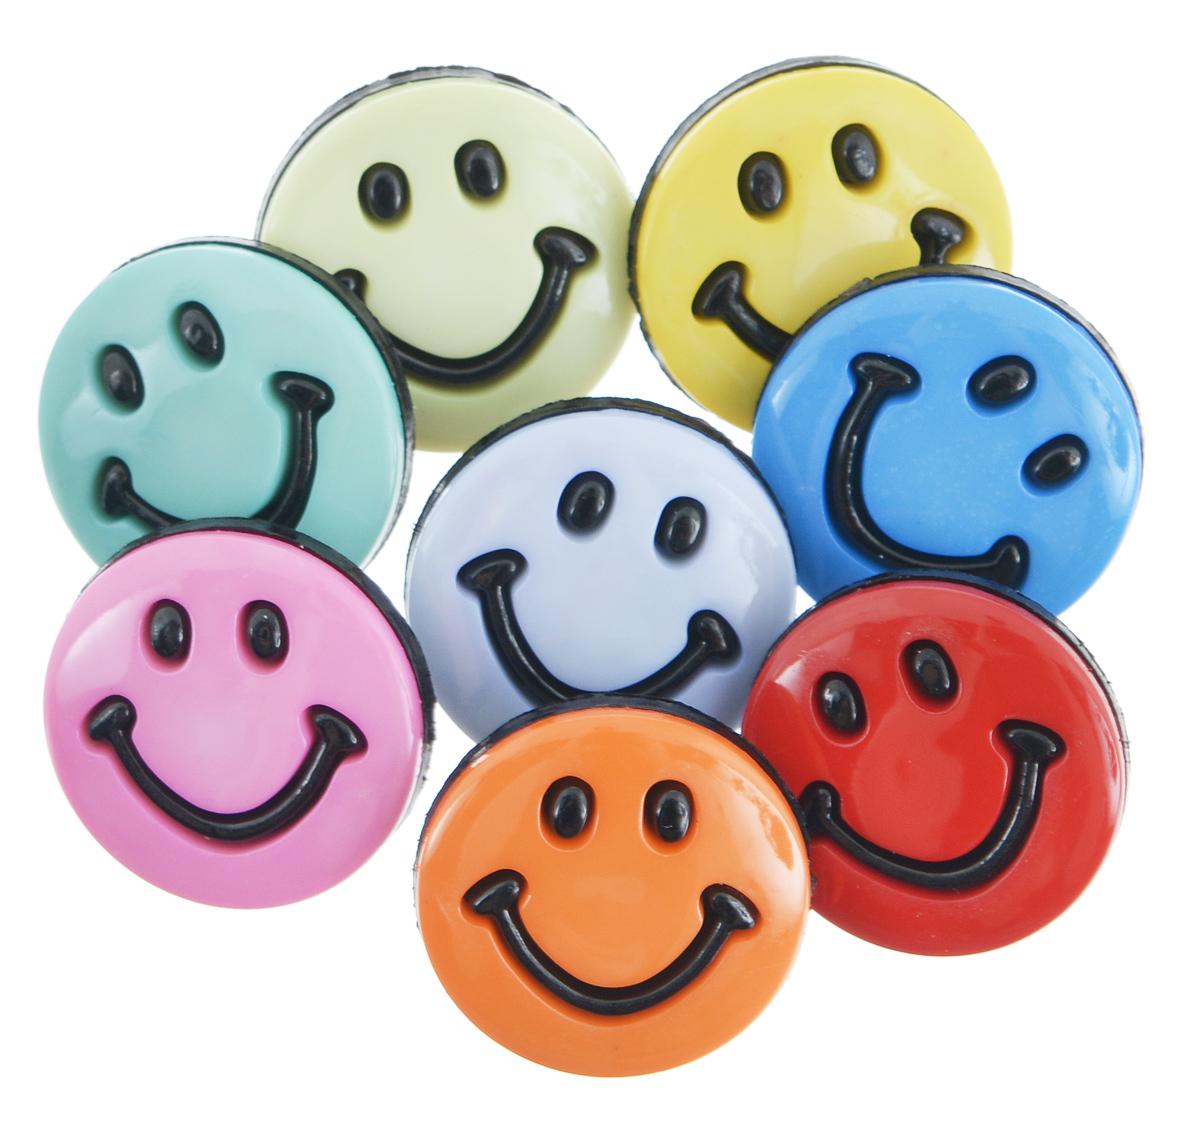 Пуговицы декоративные Buttons Galore & More Smileys, 8 шт7705902Набор Buttons Galore & More Smileys состоит из 8 декоративных пуговиц. Все элементы выполнены из пластика в виде забавных смайликов. Такие пуговицы подходят для любых видов творчества: скрапбукинга, декорирования, шитья, изготовления кукол, а также для оформления одежды. С их помощью вы сможете украсить открытку, фотографию, альбом, подарок и другие предметы ручной работы. Диаметр пуговицы: 2 см.